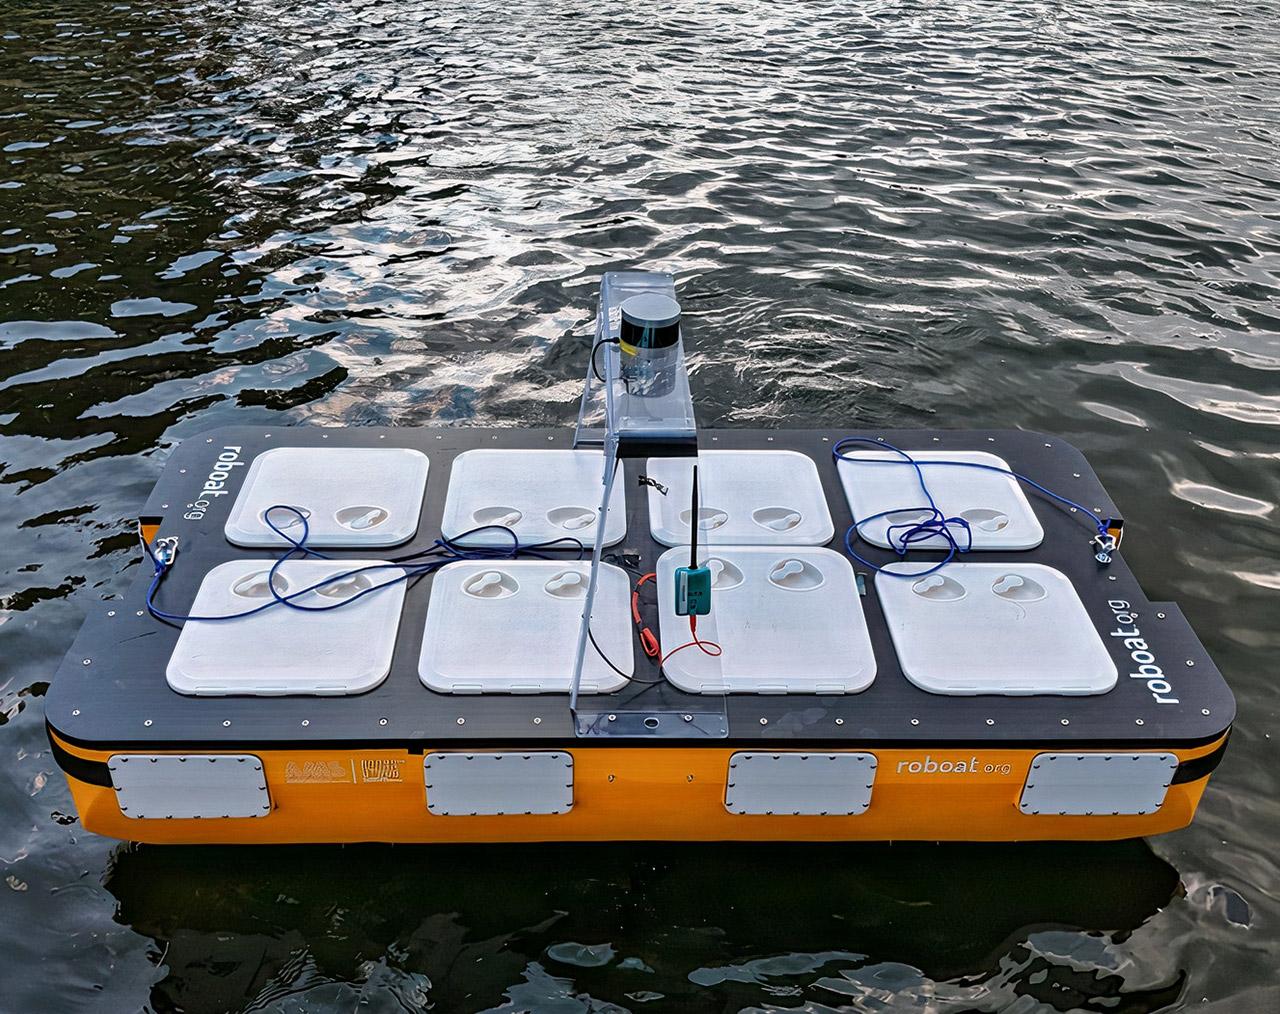 MIT Roboat Autonomous Robotic Boat